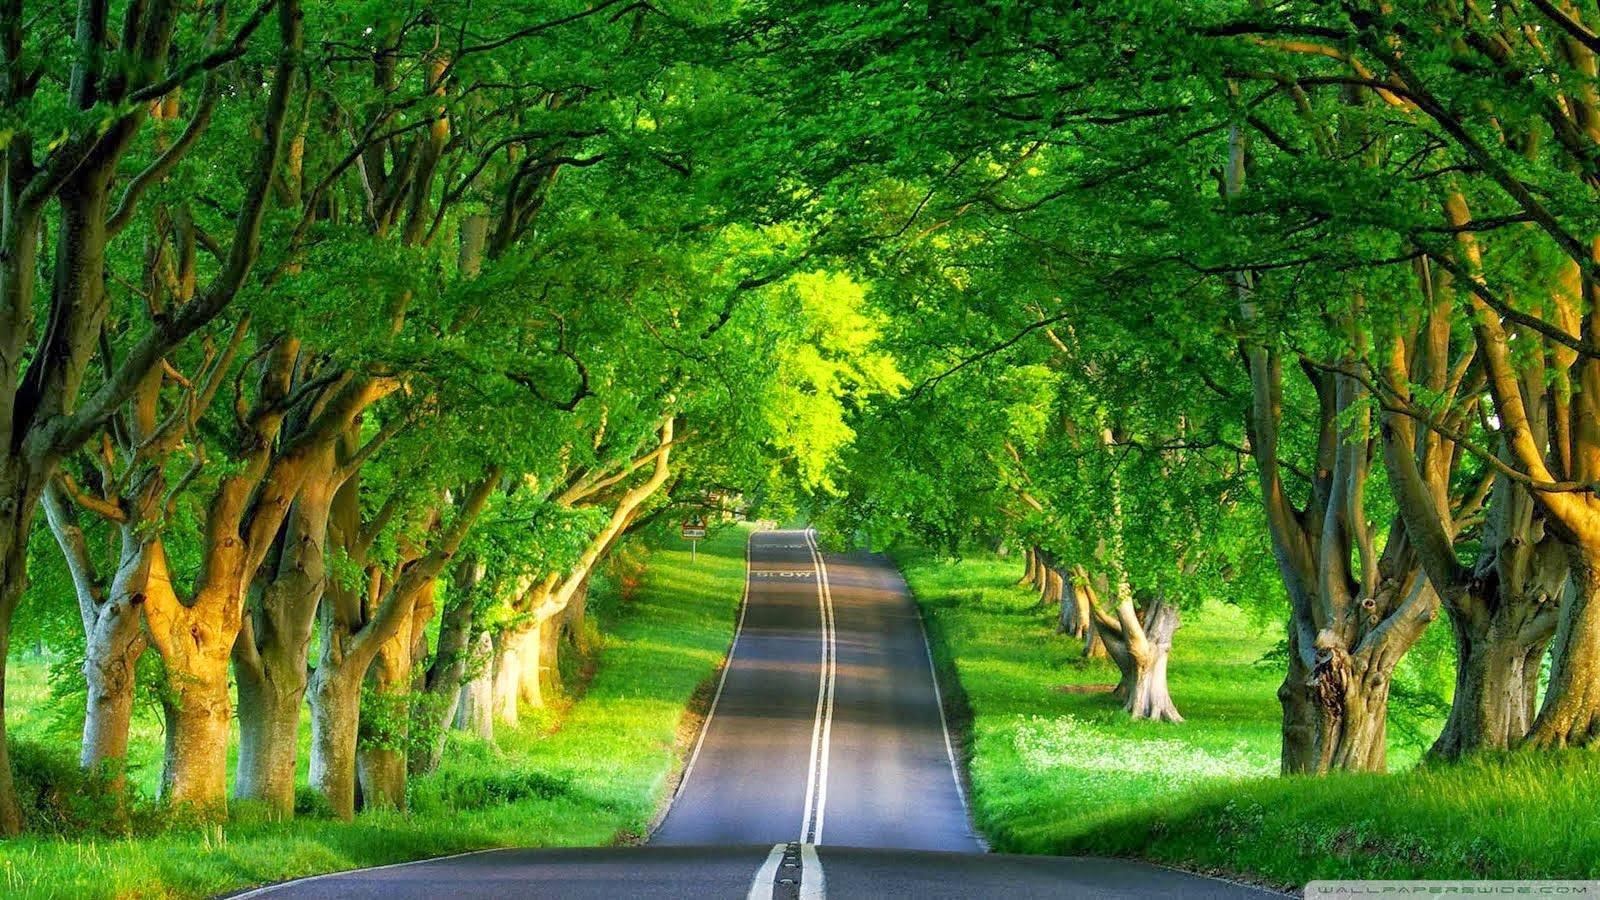 Bức tranh một con đường trãi dài giữa rừng cây